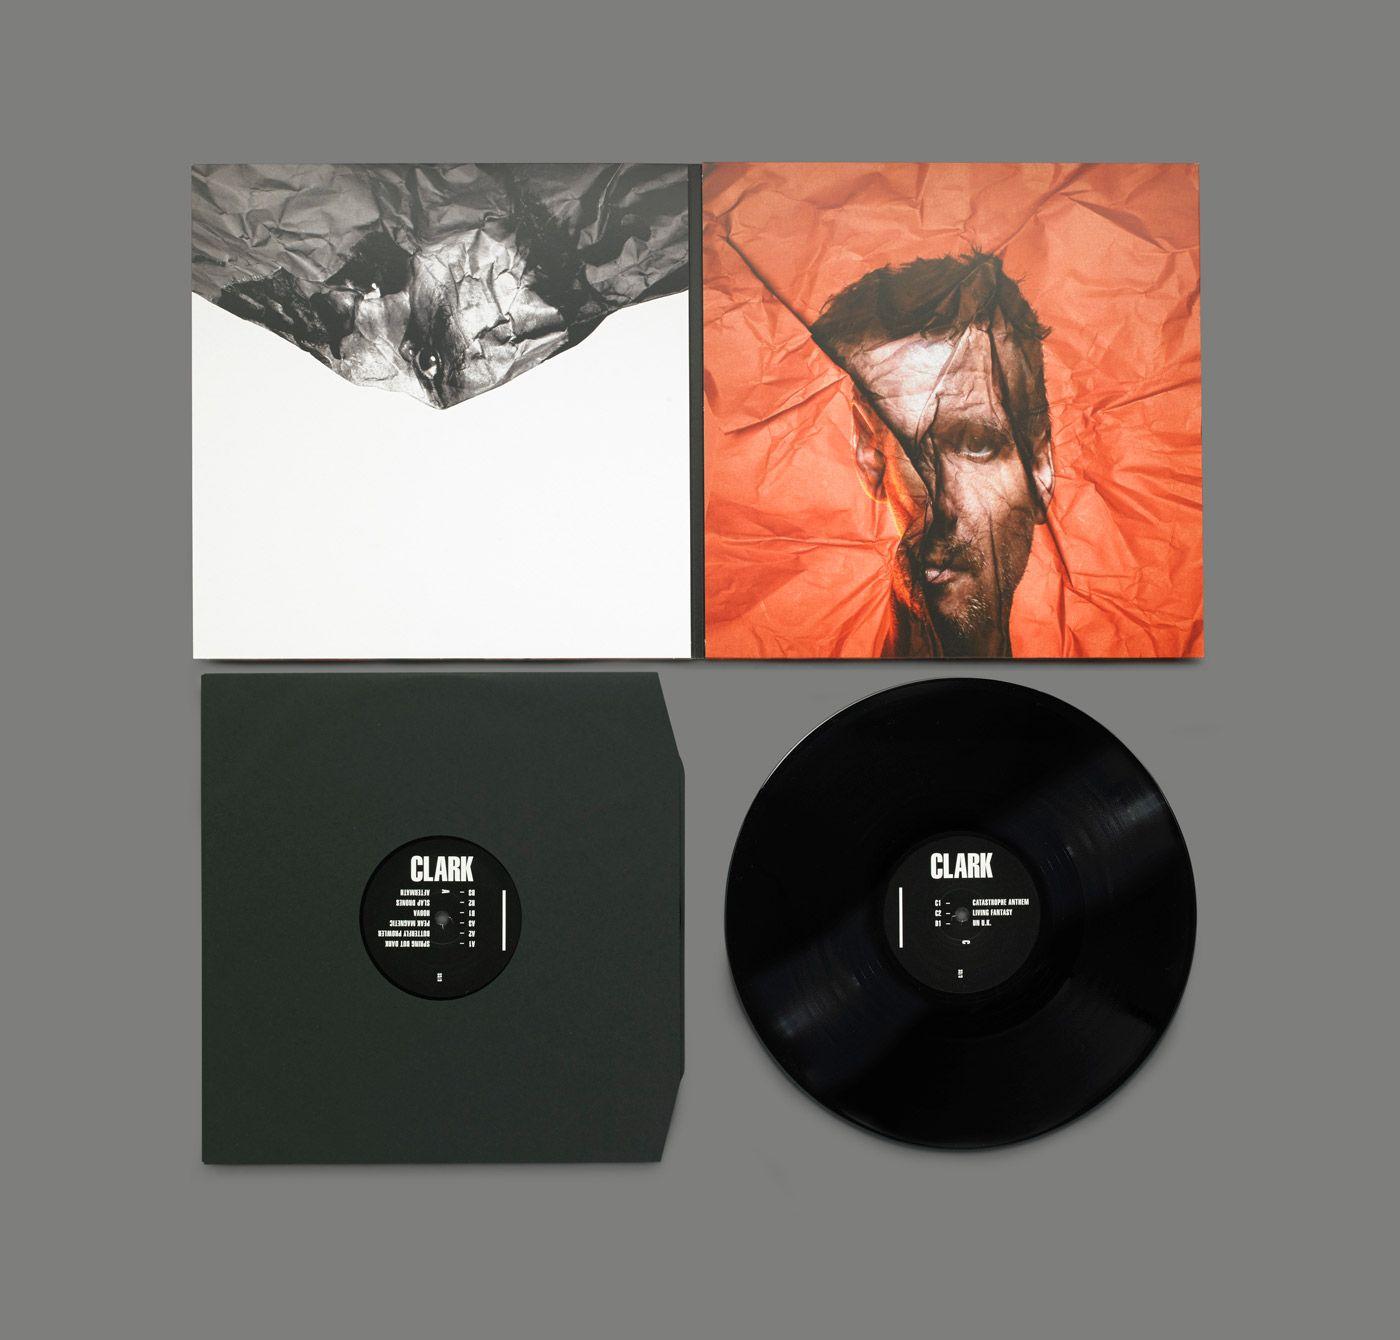 am besten auswählen Original- Farbbrillanz Warp musician Clark on the cover for new album Death Peak ...